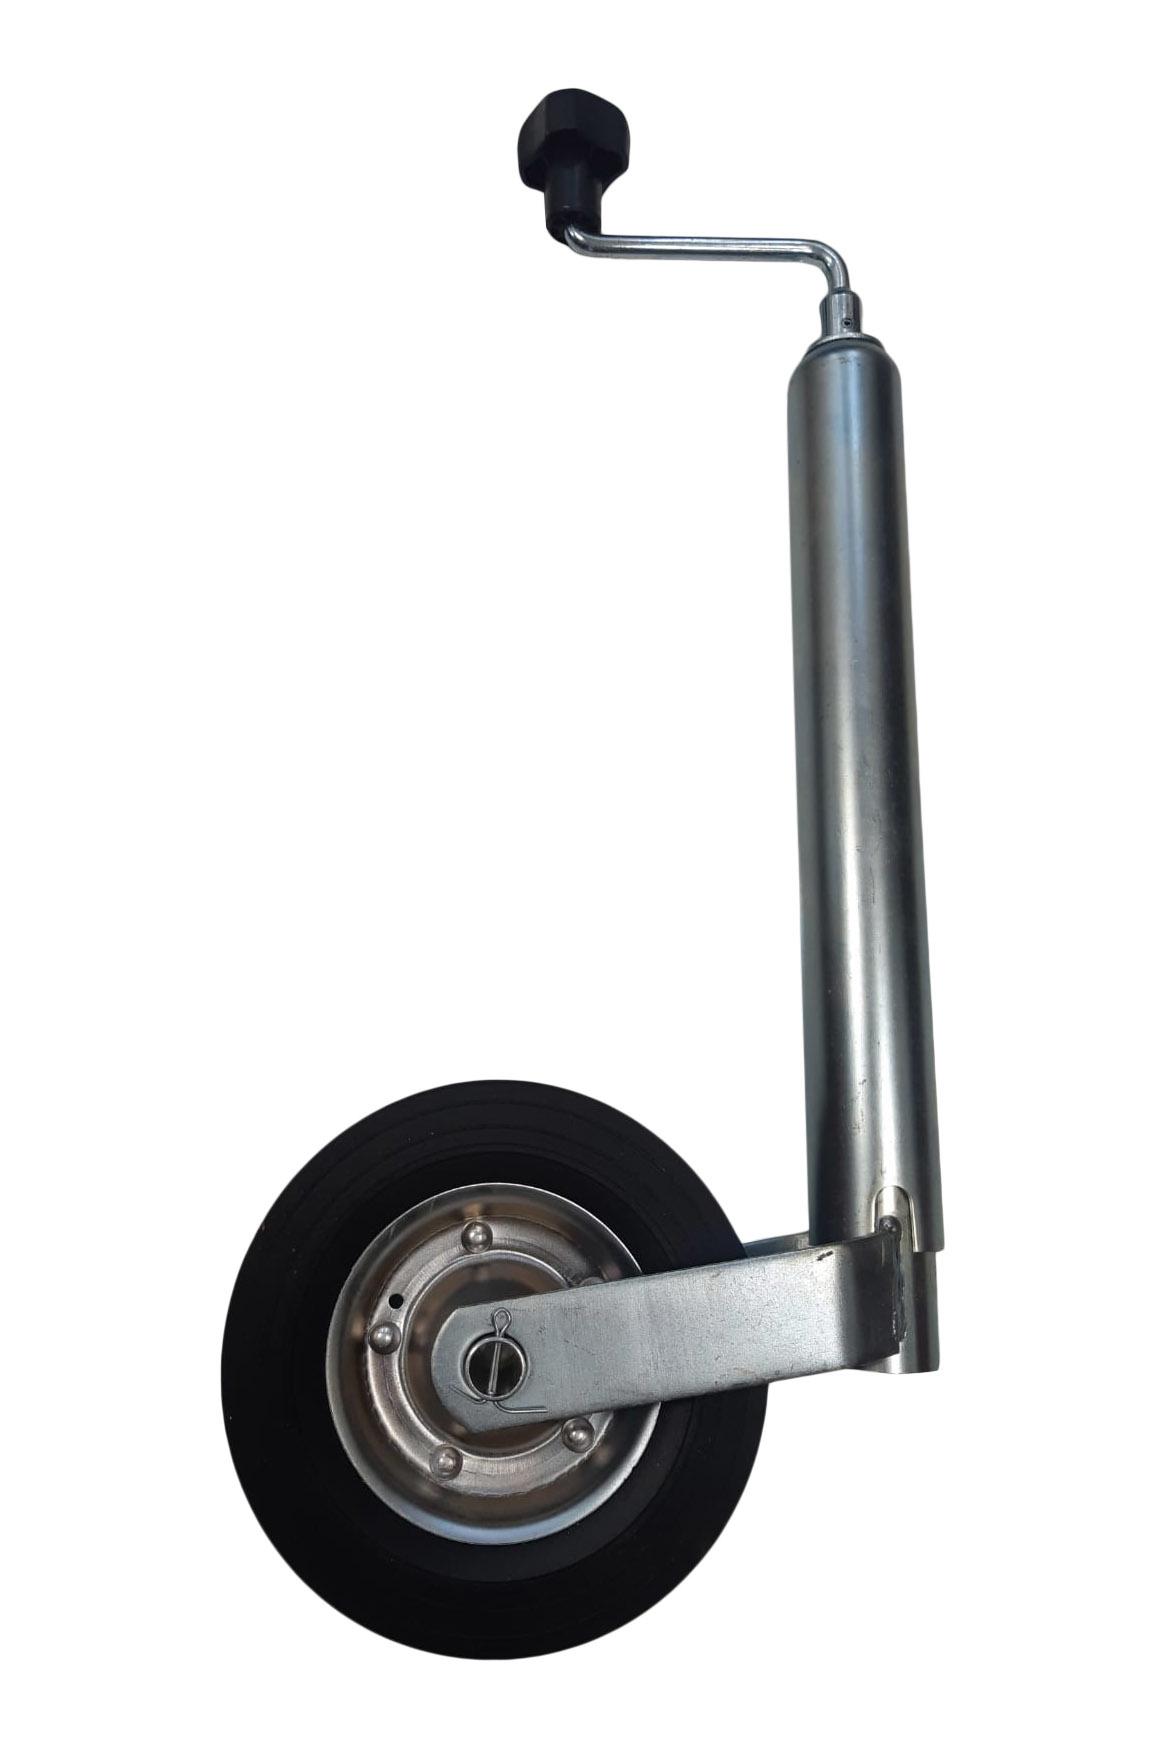 Neuswiel voor aanhangwagen/trailer - rond 48 mm - stalen velg